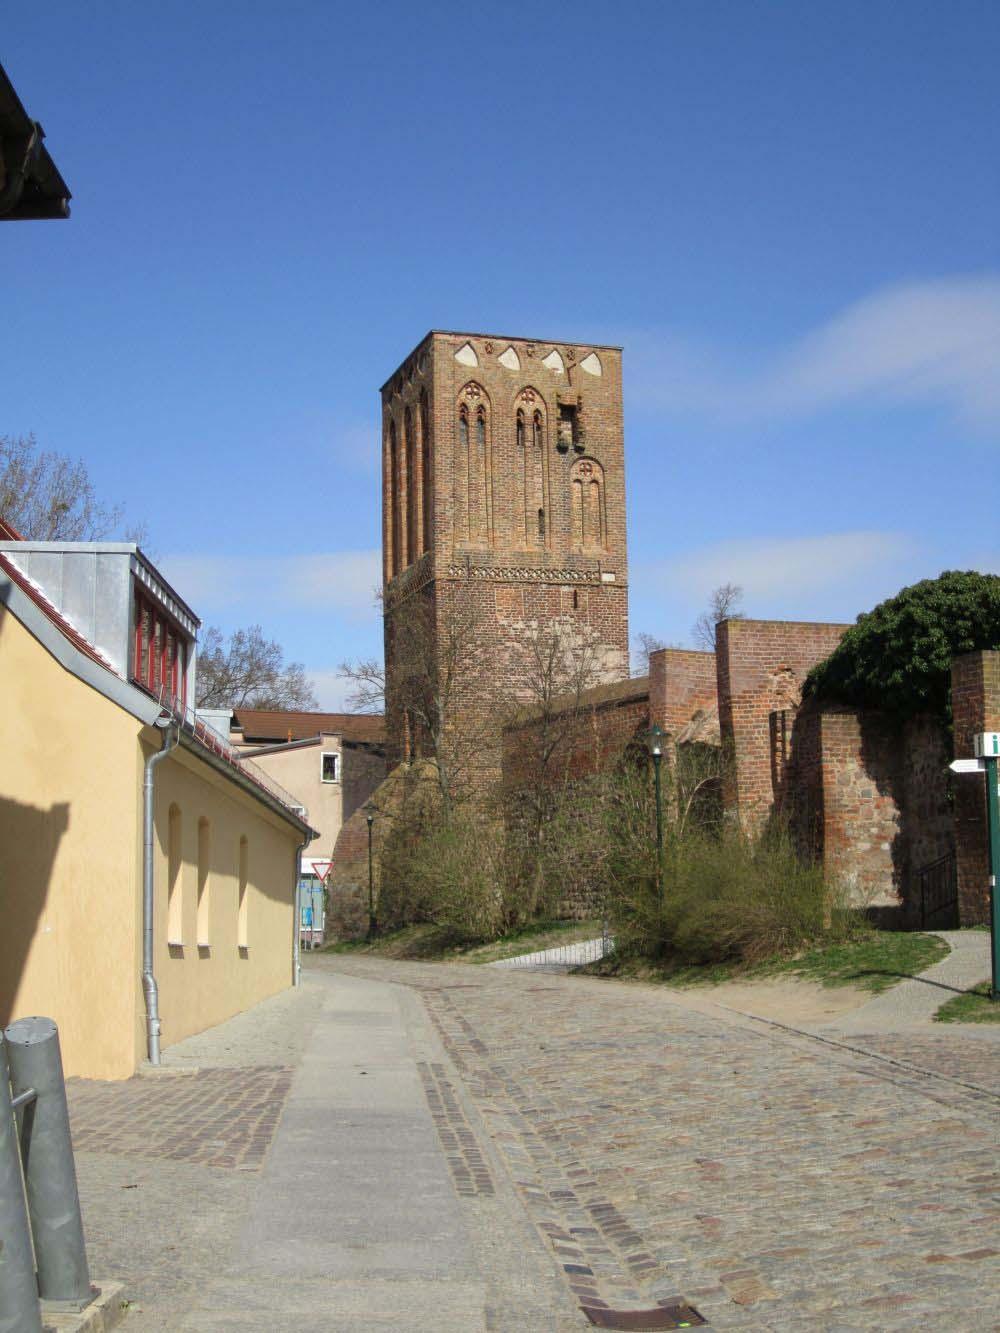 Blick auf den Steintorturm aus westlicher Richtung (vom Museum aus). Oben rechts markieren Abbruchspuren neben den Fenstern die einstige Außentoilette. (Foto: Dr. Matthias Schulz, 2011)